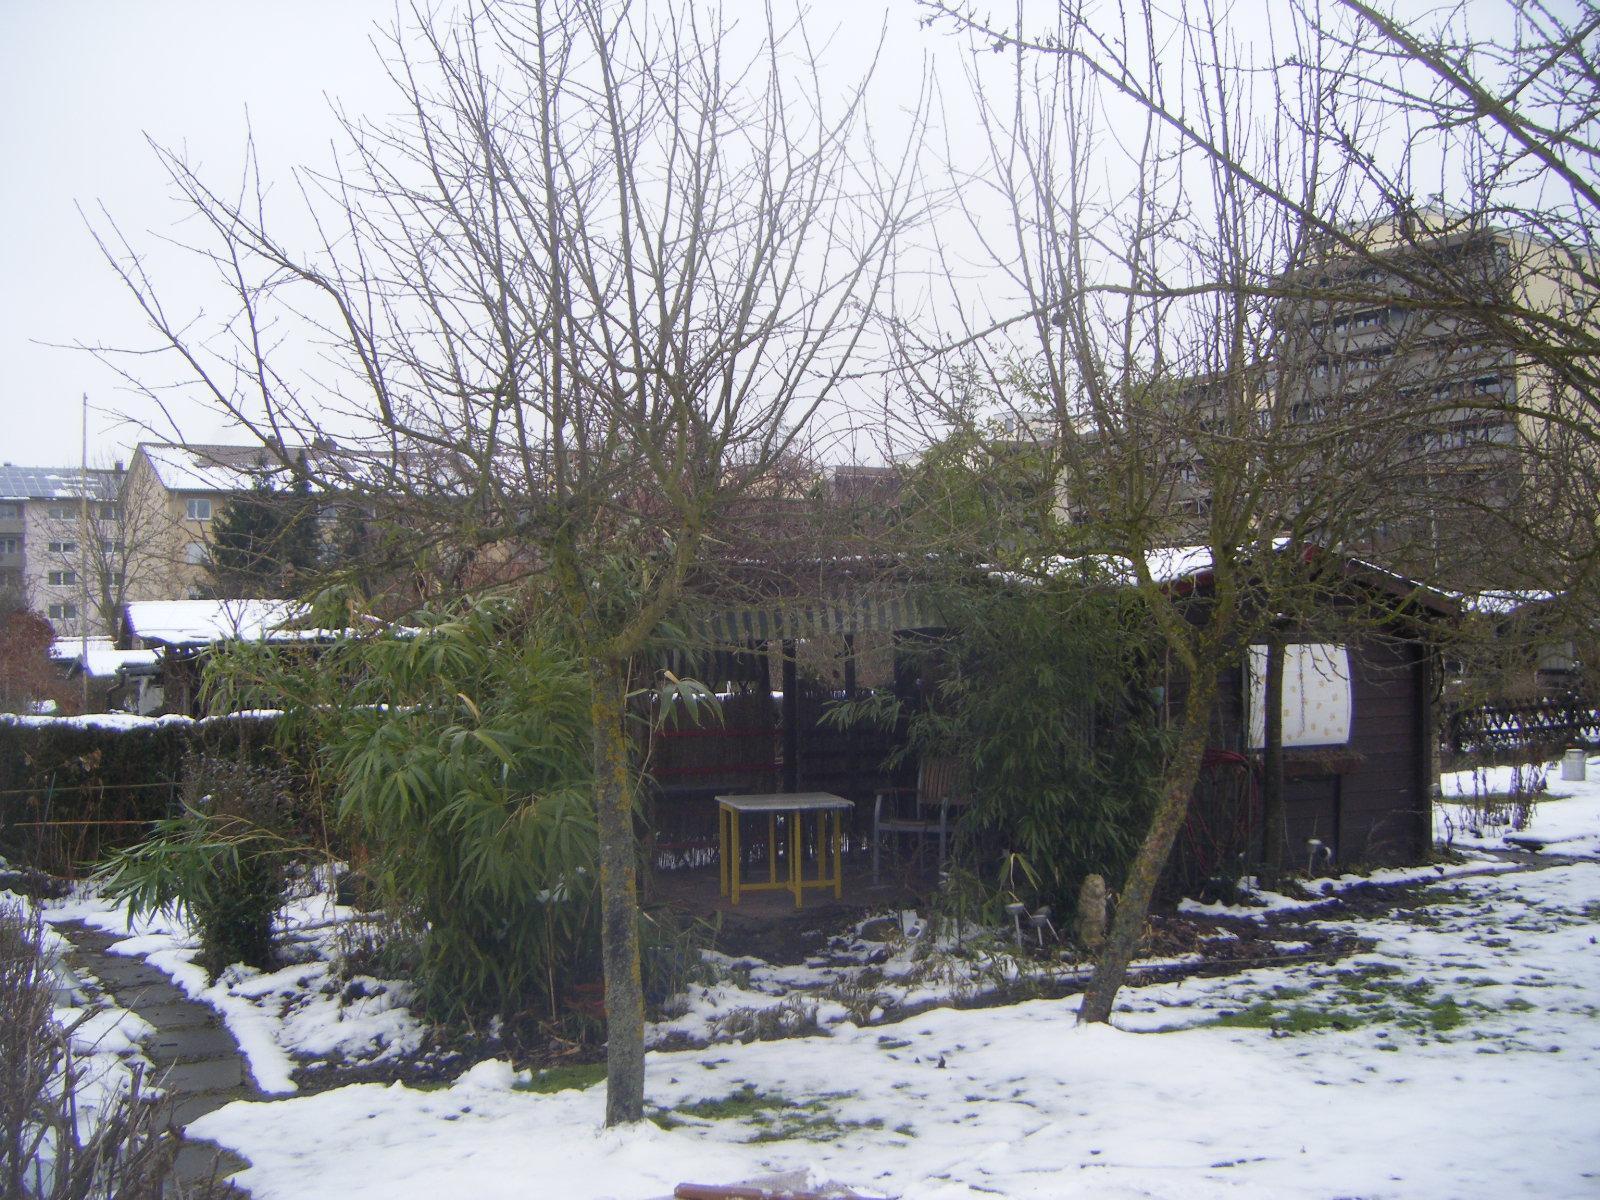 Garten Im Winter file garten im winter januar 2011 panoramio jpg wikimedia commons